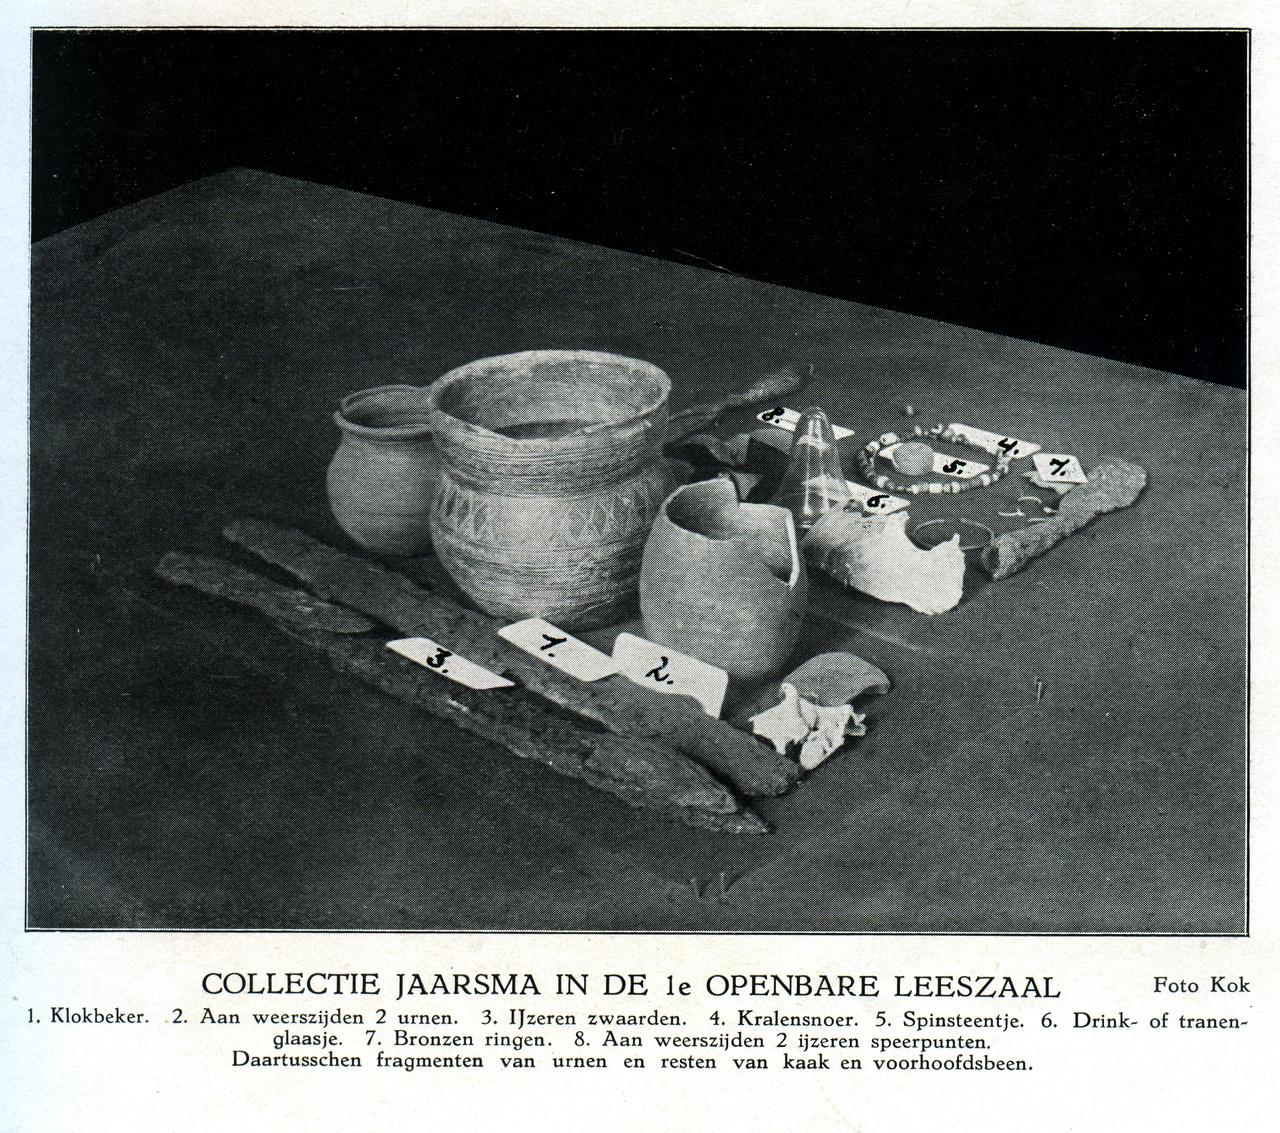 10/13 - De archeologische collectie van Menno Jaarsma, afkomstig uit een vroeg-middeleeuws grafveld. Bron: Gedenkboek Hilversum 1424-1924 pag. 8b, collectie Gemeente Hilversum.